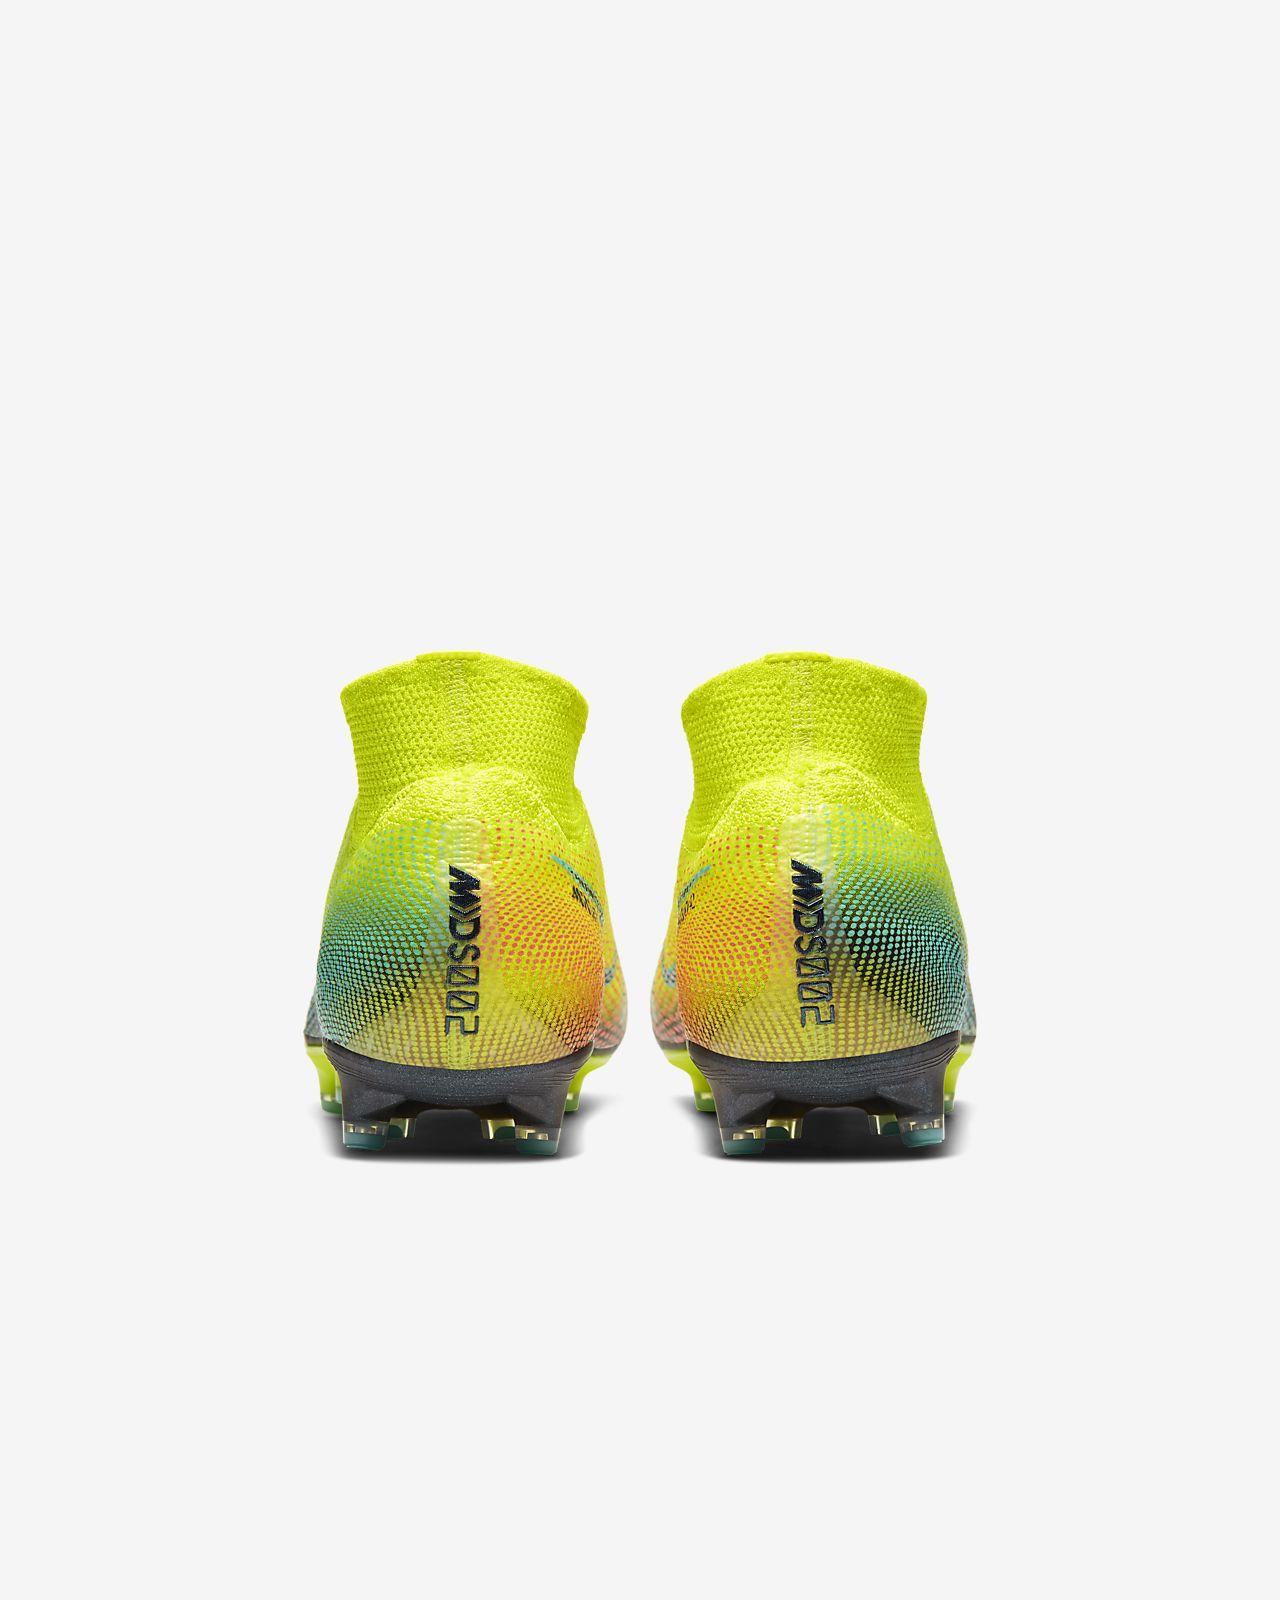 Nike Mercurial Superfly 7 Elite MDS AG PRO fotballsko til kunstgress